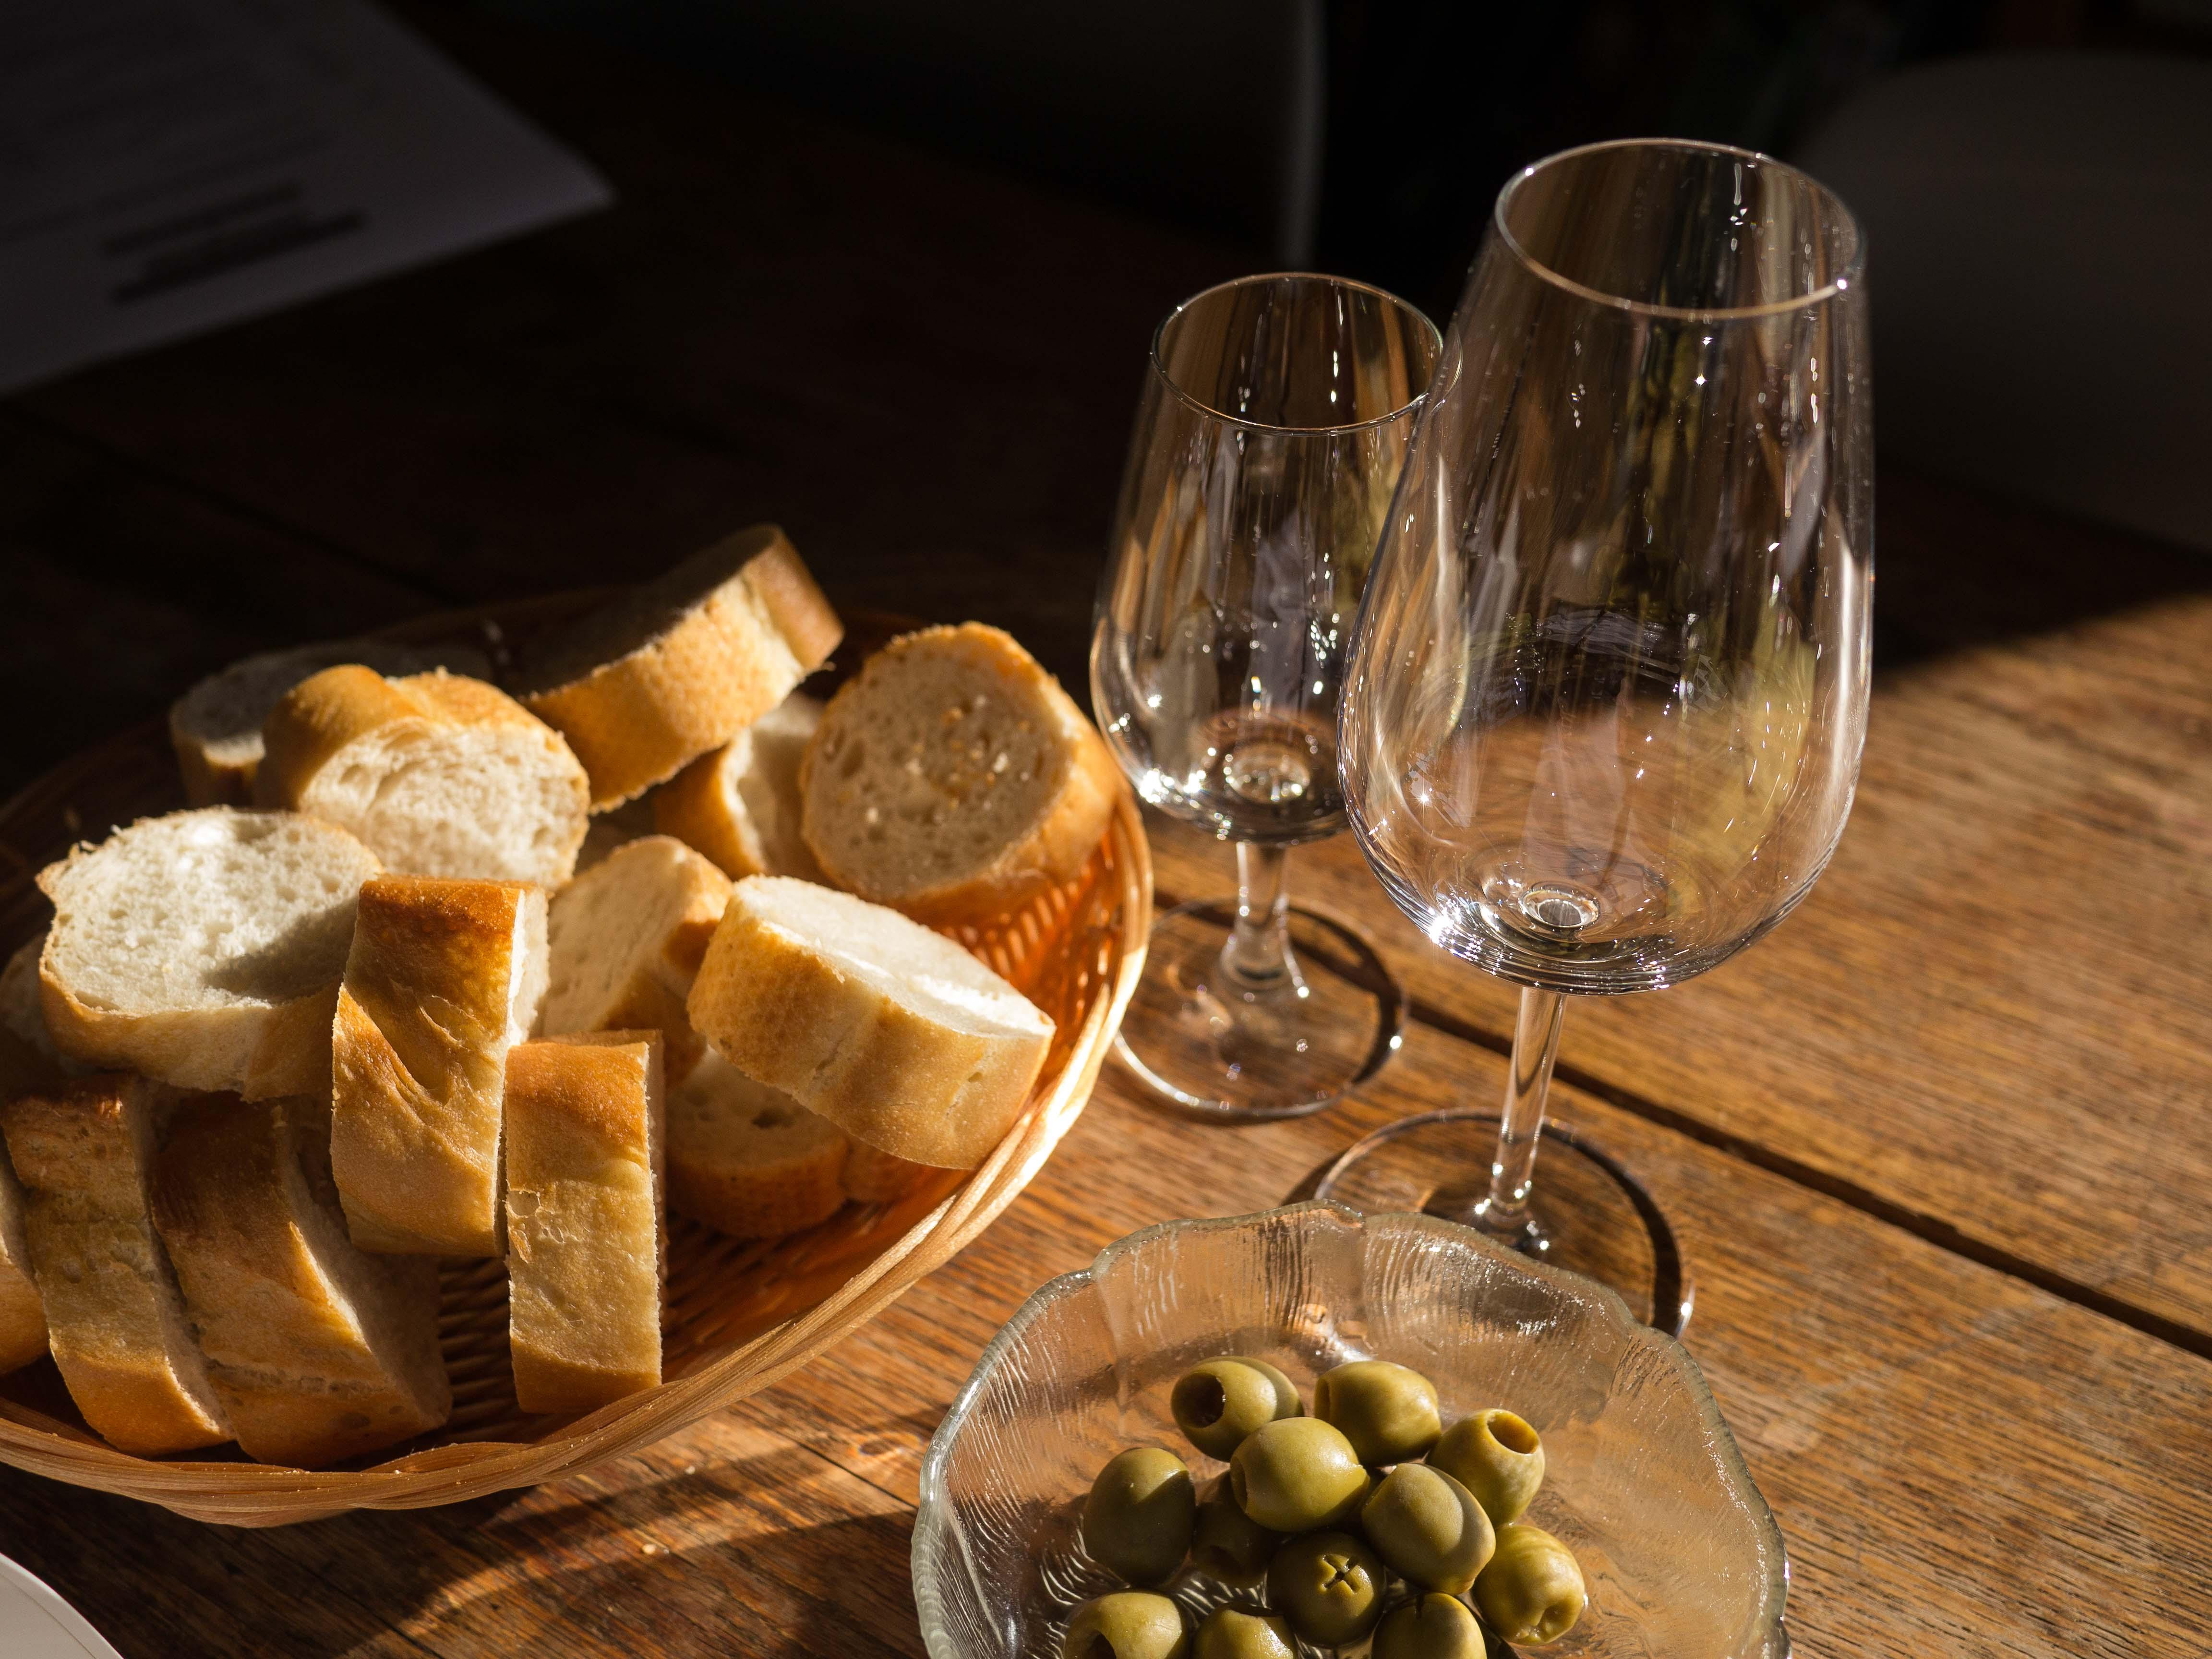 Oliven und Brot